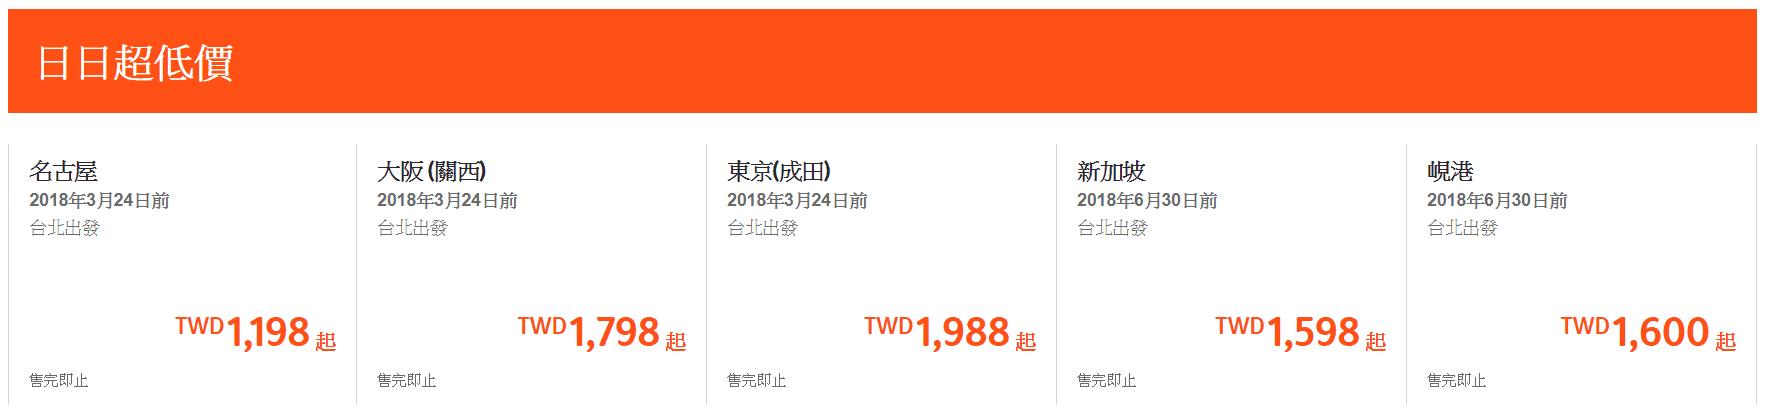 捷星特價,3月前、5月整個月,峴港、大阪、名古屋都在特價~買好來回只要5K不到~特價趁現在~